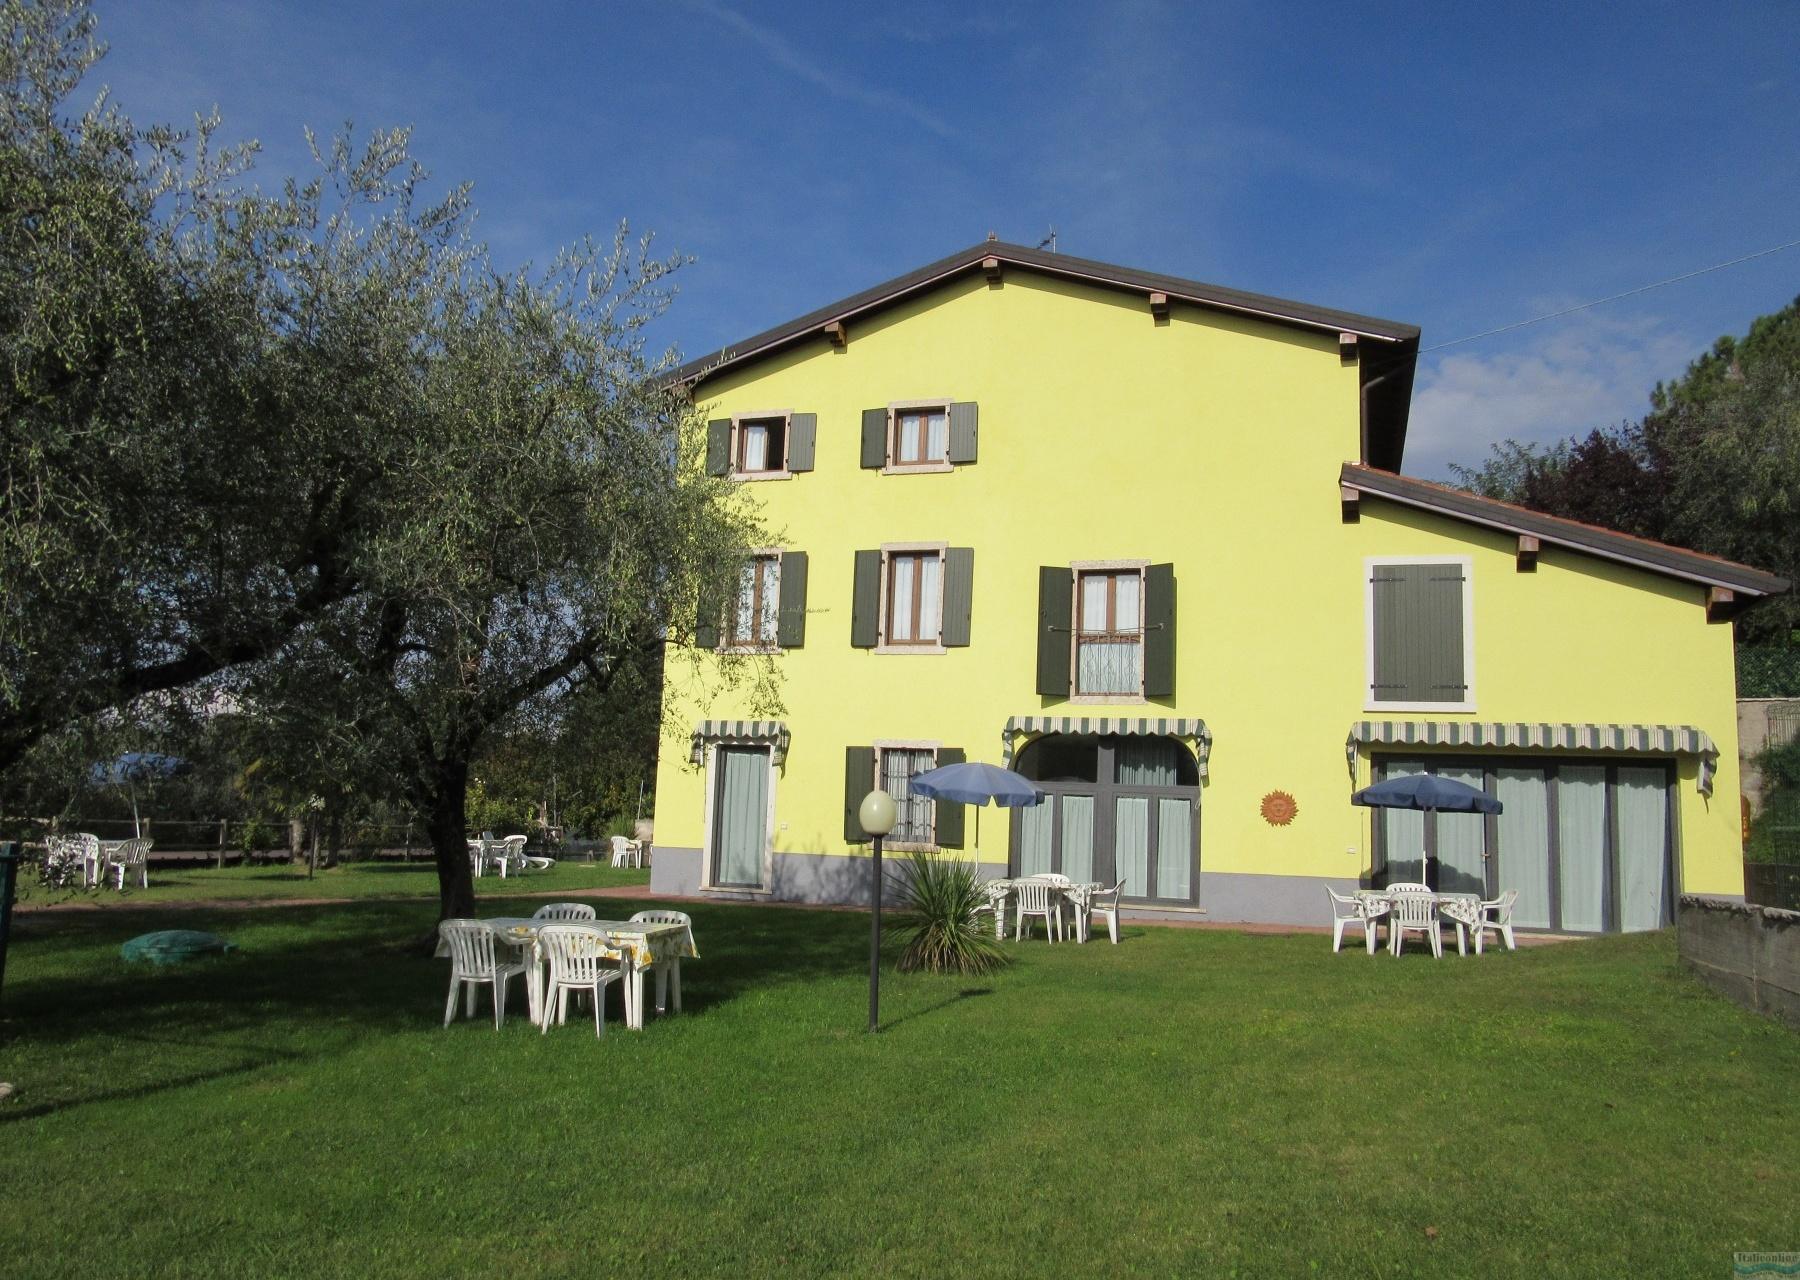 Appartamenti lago di garda italieonline for Appartamenti lago di garda affitto